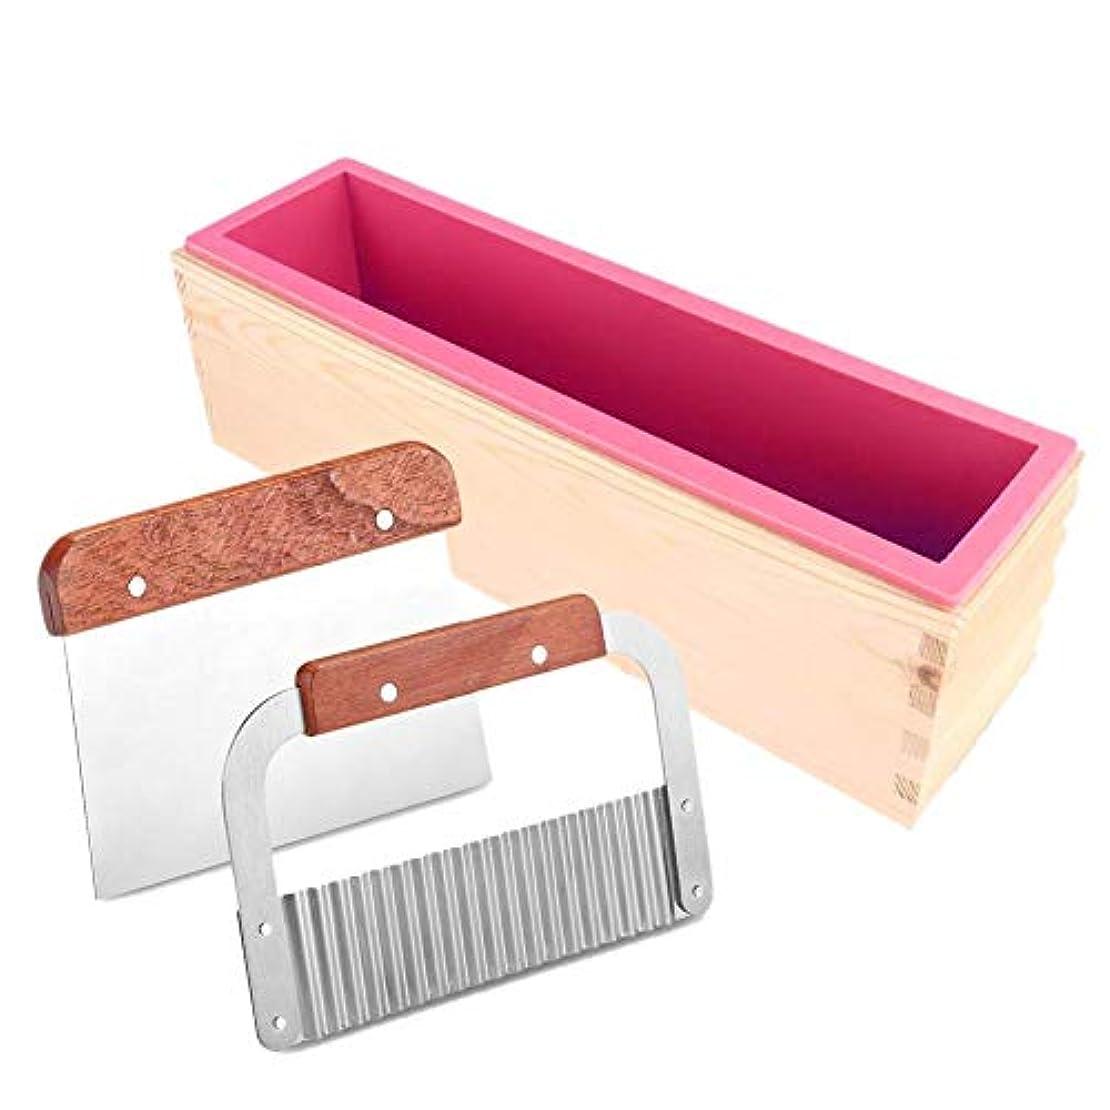 アライメント前述の野なRagemのシリコーンの石鹸型 - 自家製の石鹸の作成のための2Pcsカッターの皮むき器が付いている長方形の木箱の石鹸の作成型